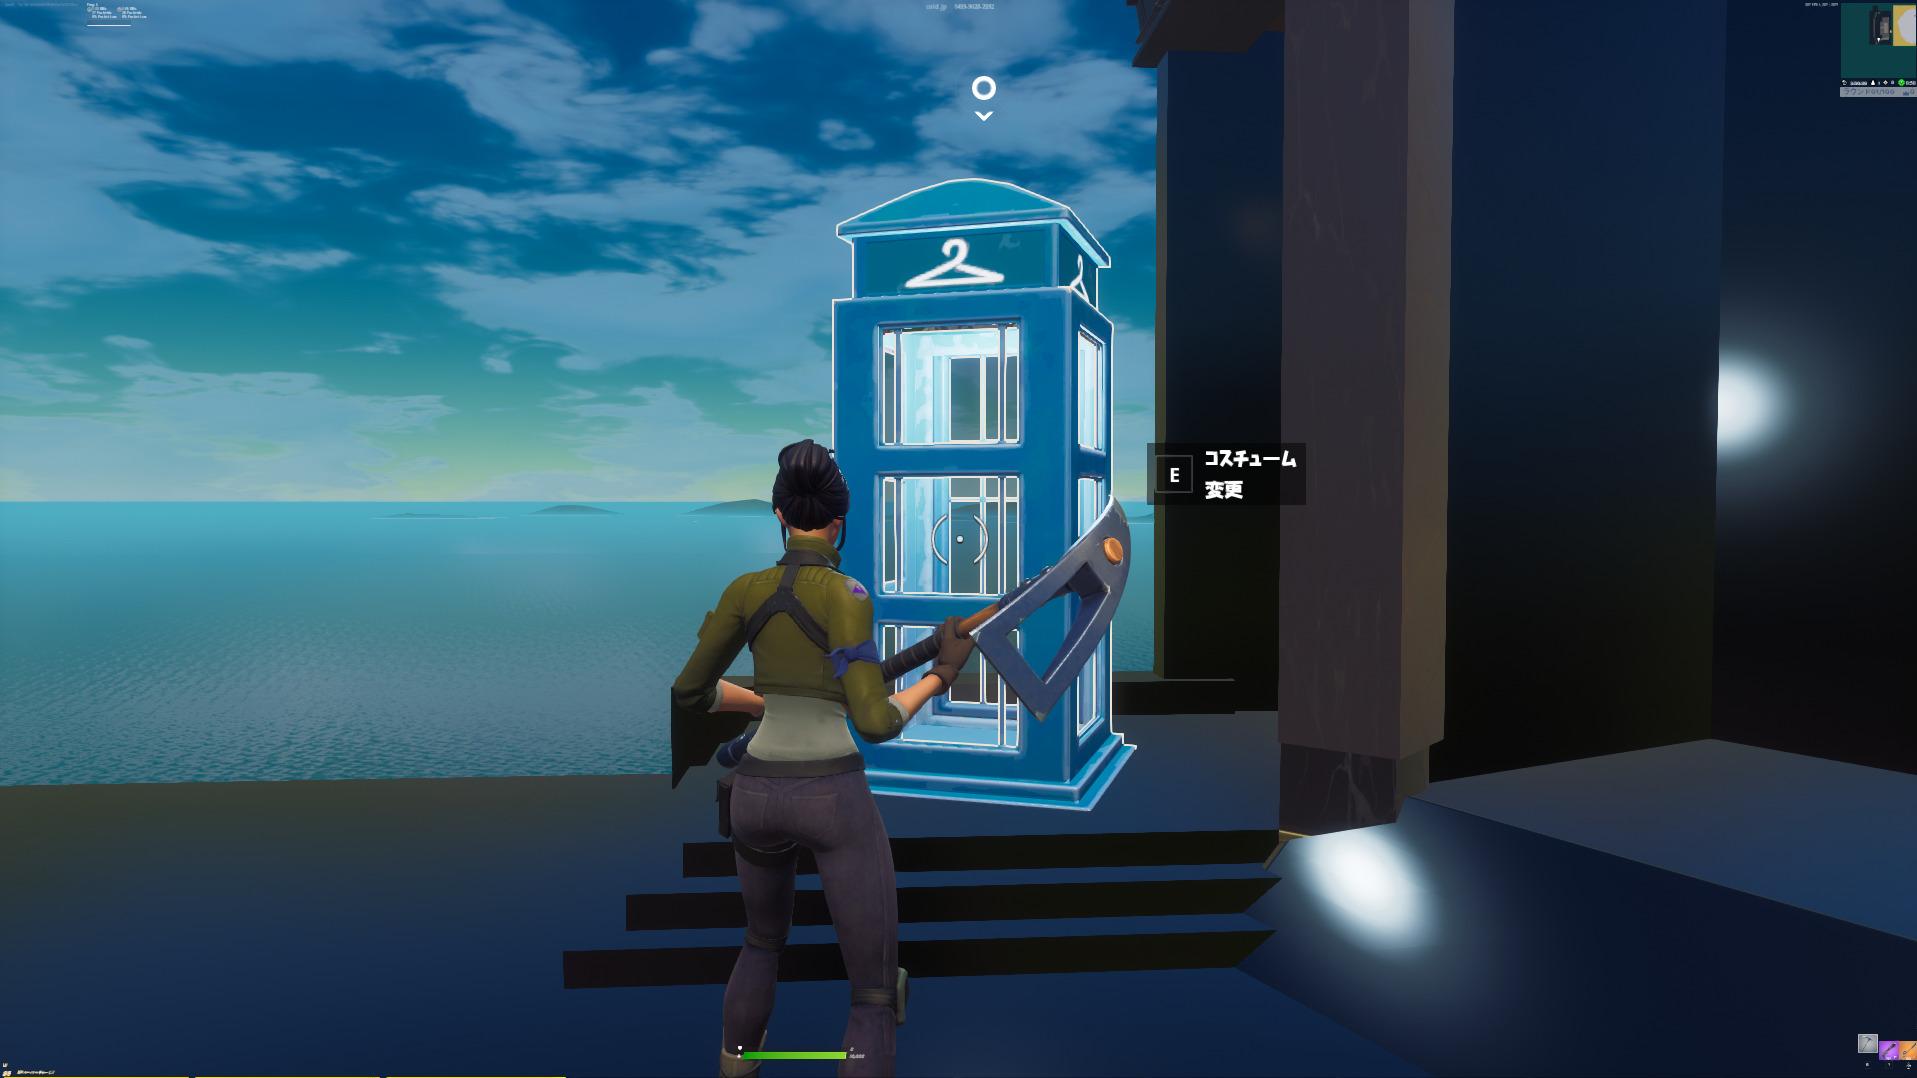 【フォートナイト】フォートモとは?フォートモの島コードを紹介